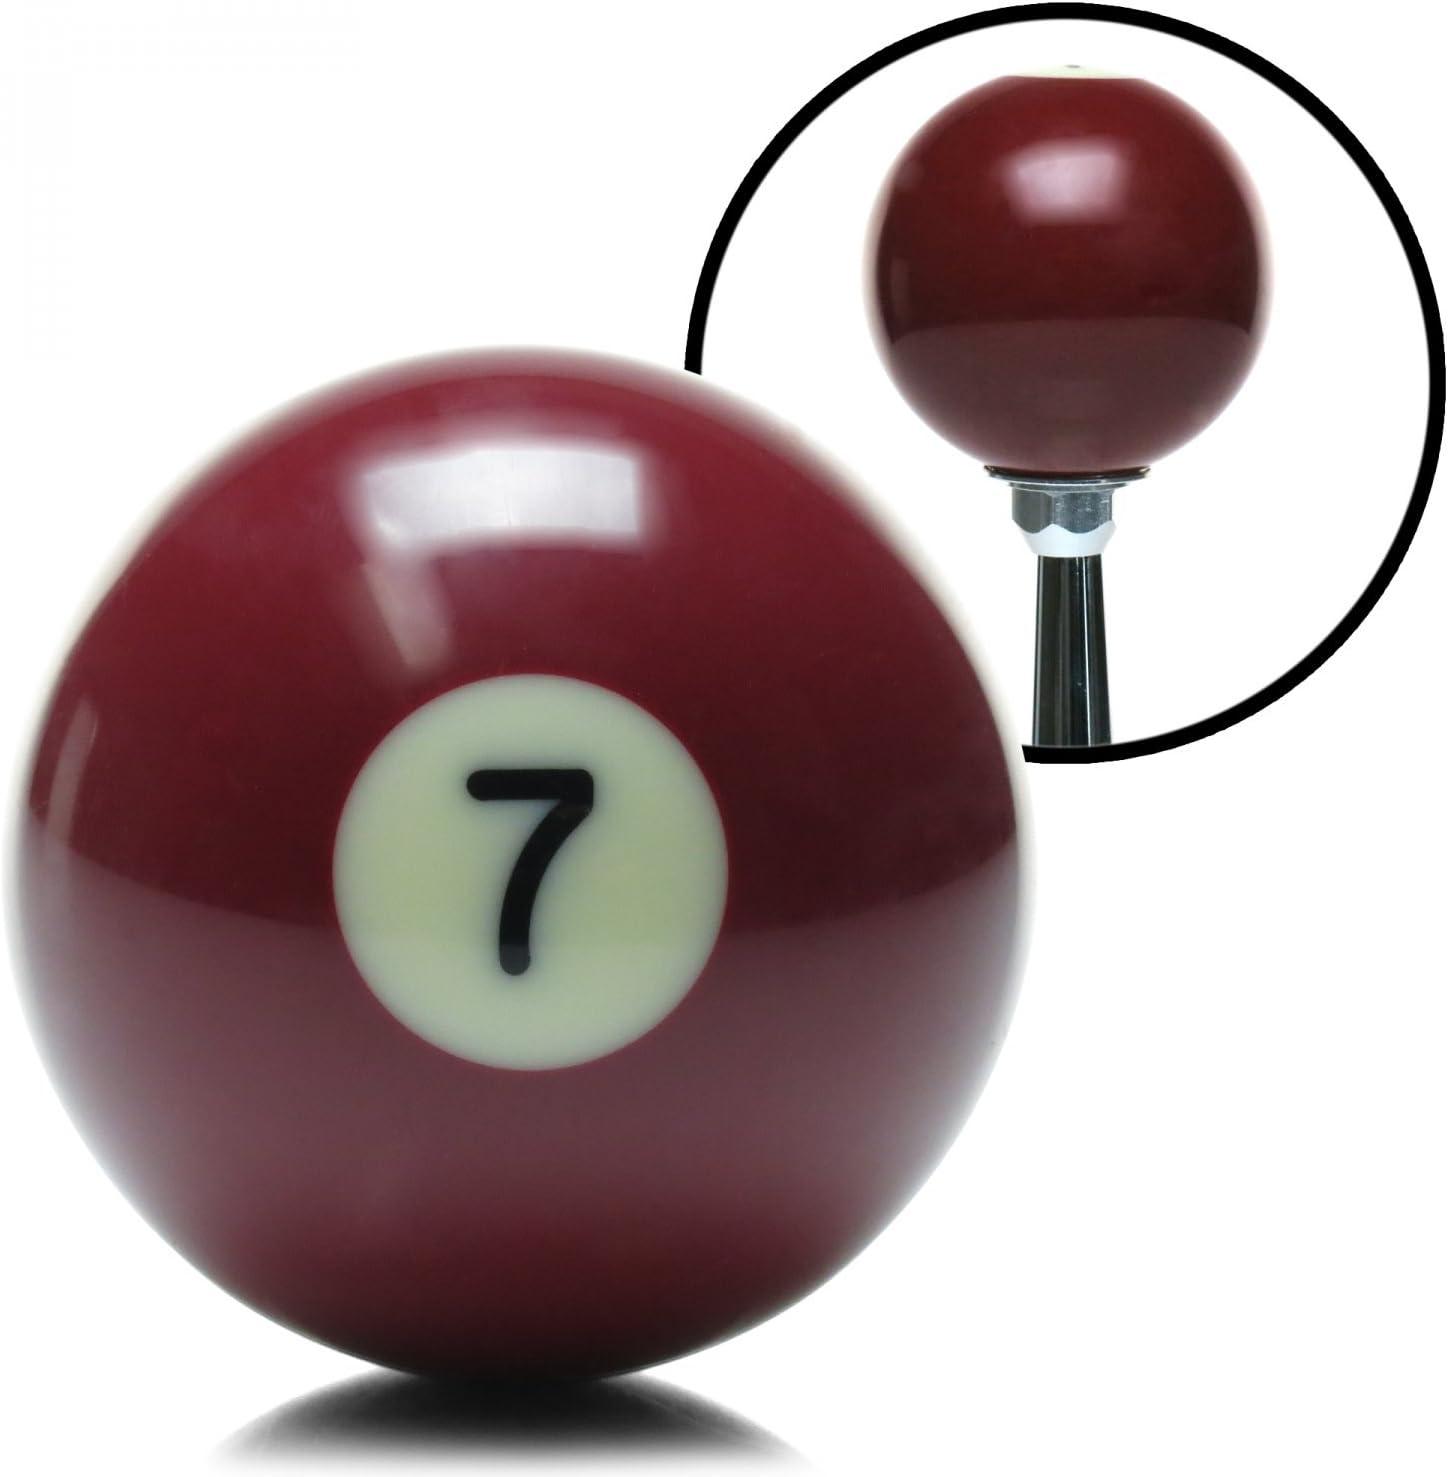 7 bolas de billar piscina Custom pomo de la palanca SBC modificado piezas Drag Race círculo pista: Amazon.es: Coche y moto